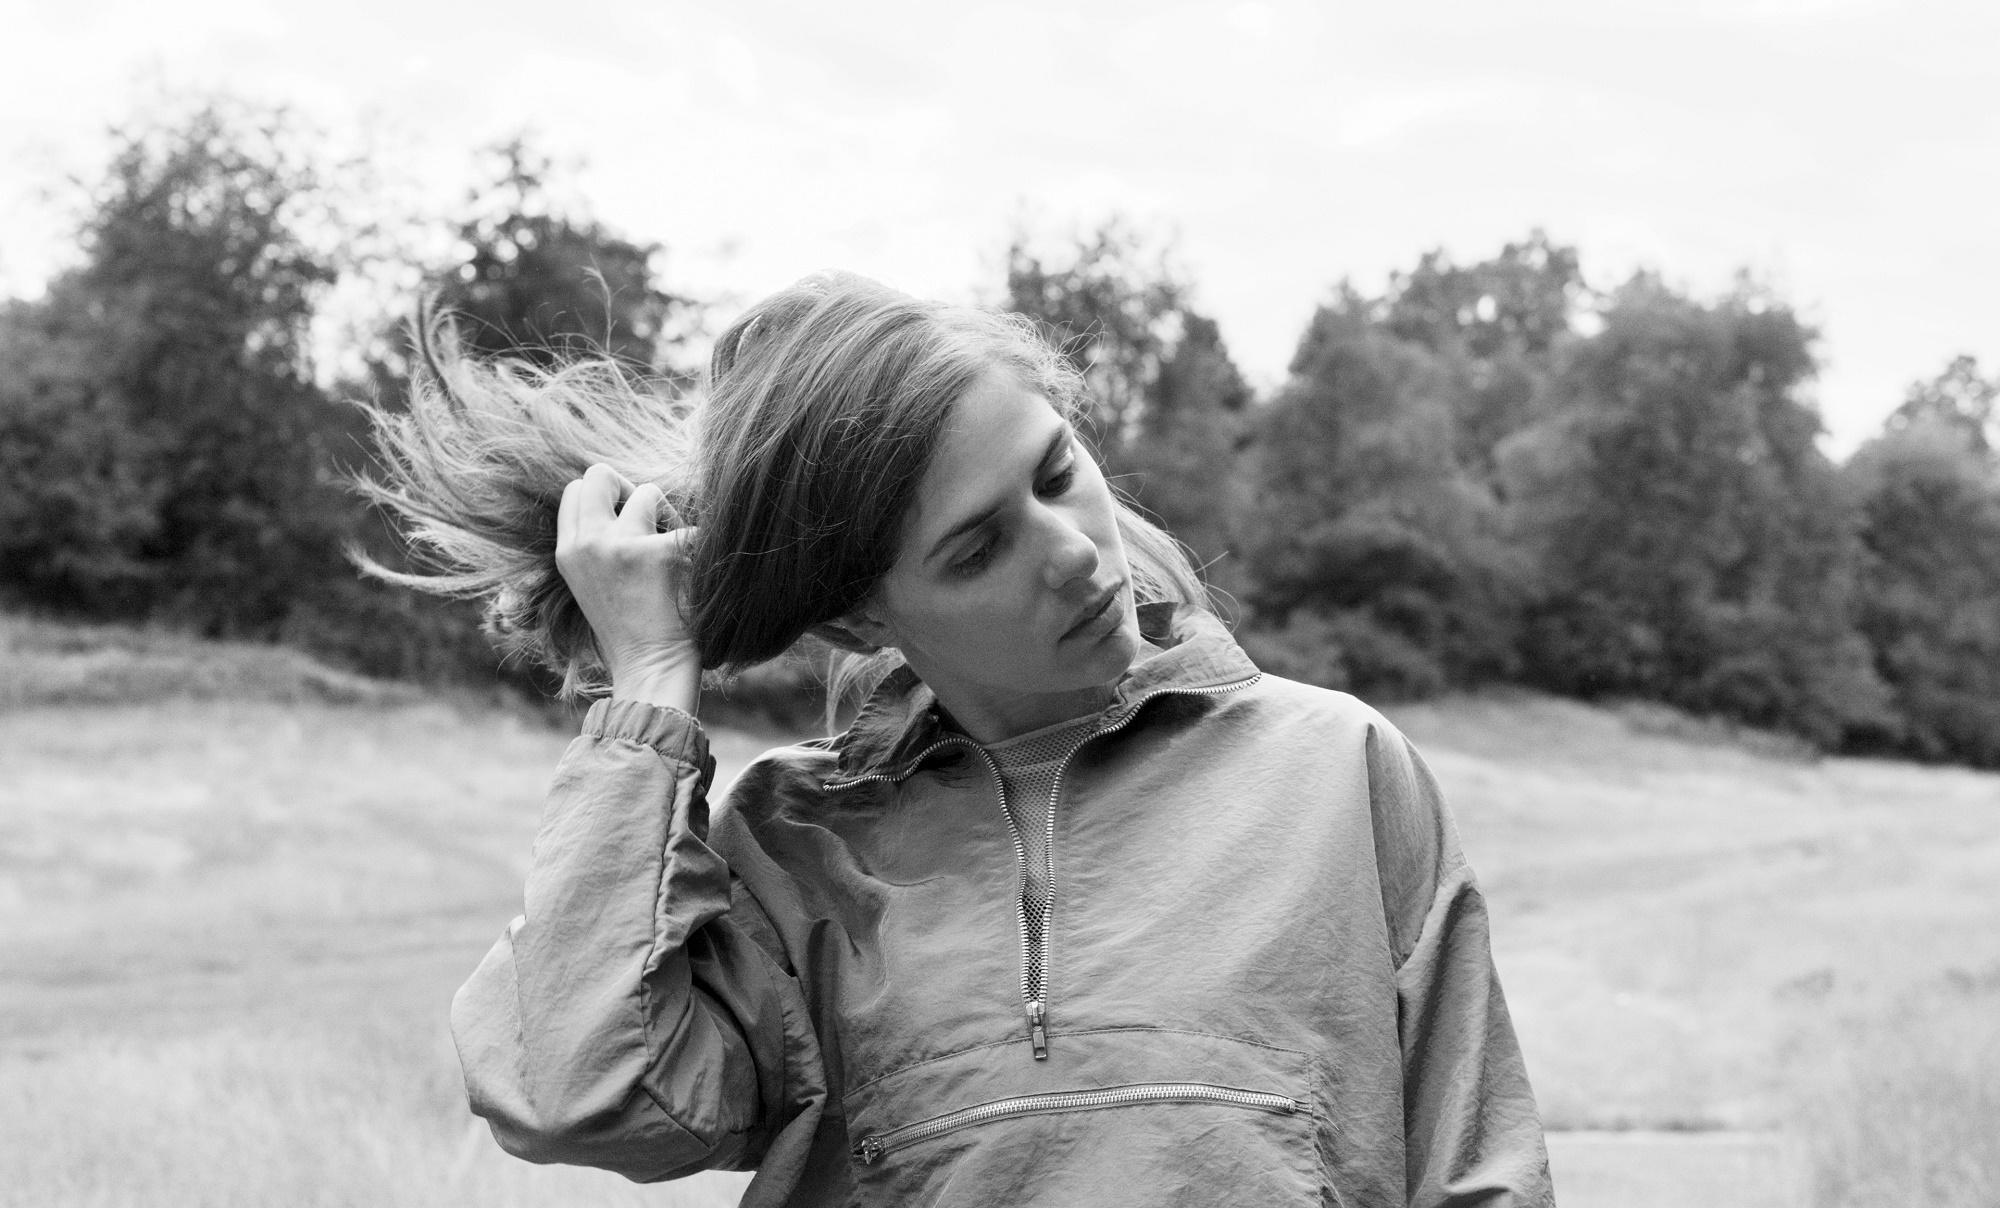 Laurel Halo анонсировала свой третий студийный альбом «Dust»